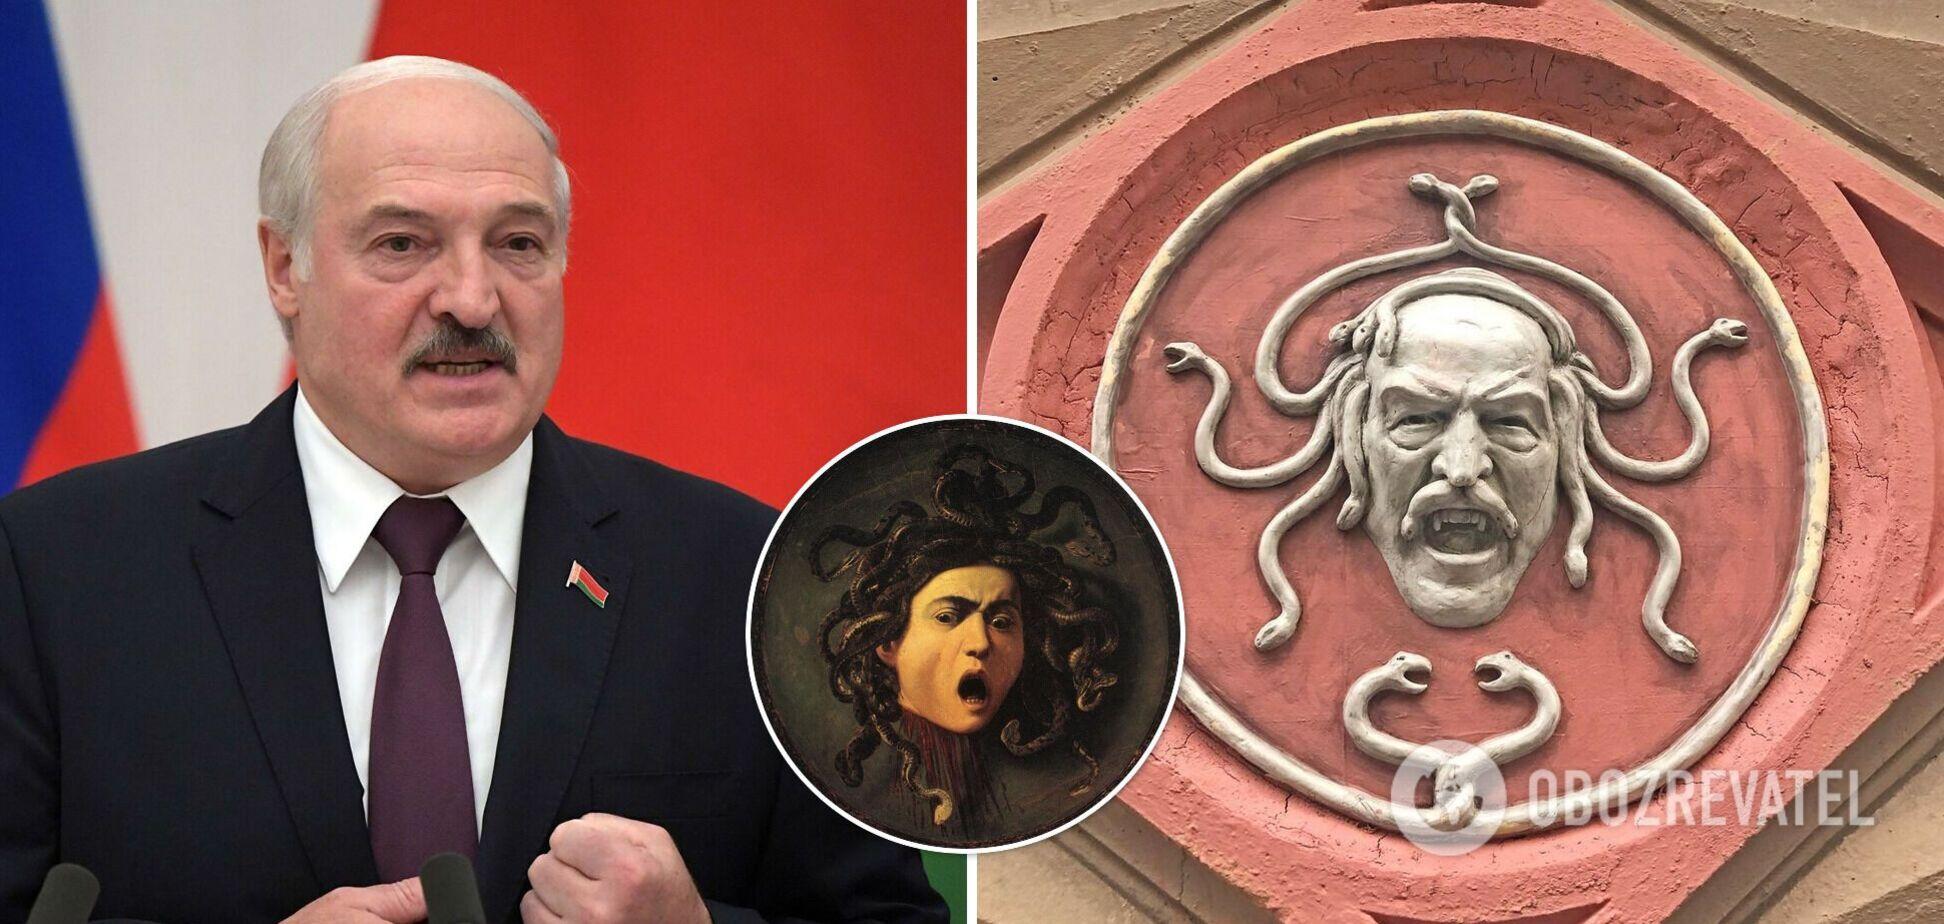 В Петербурге появился барельеф с горгоной Медузой и лицом Лукашенко. Фото